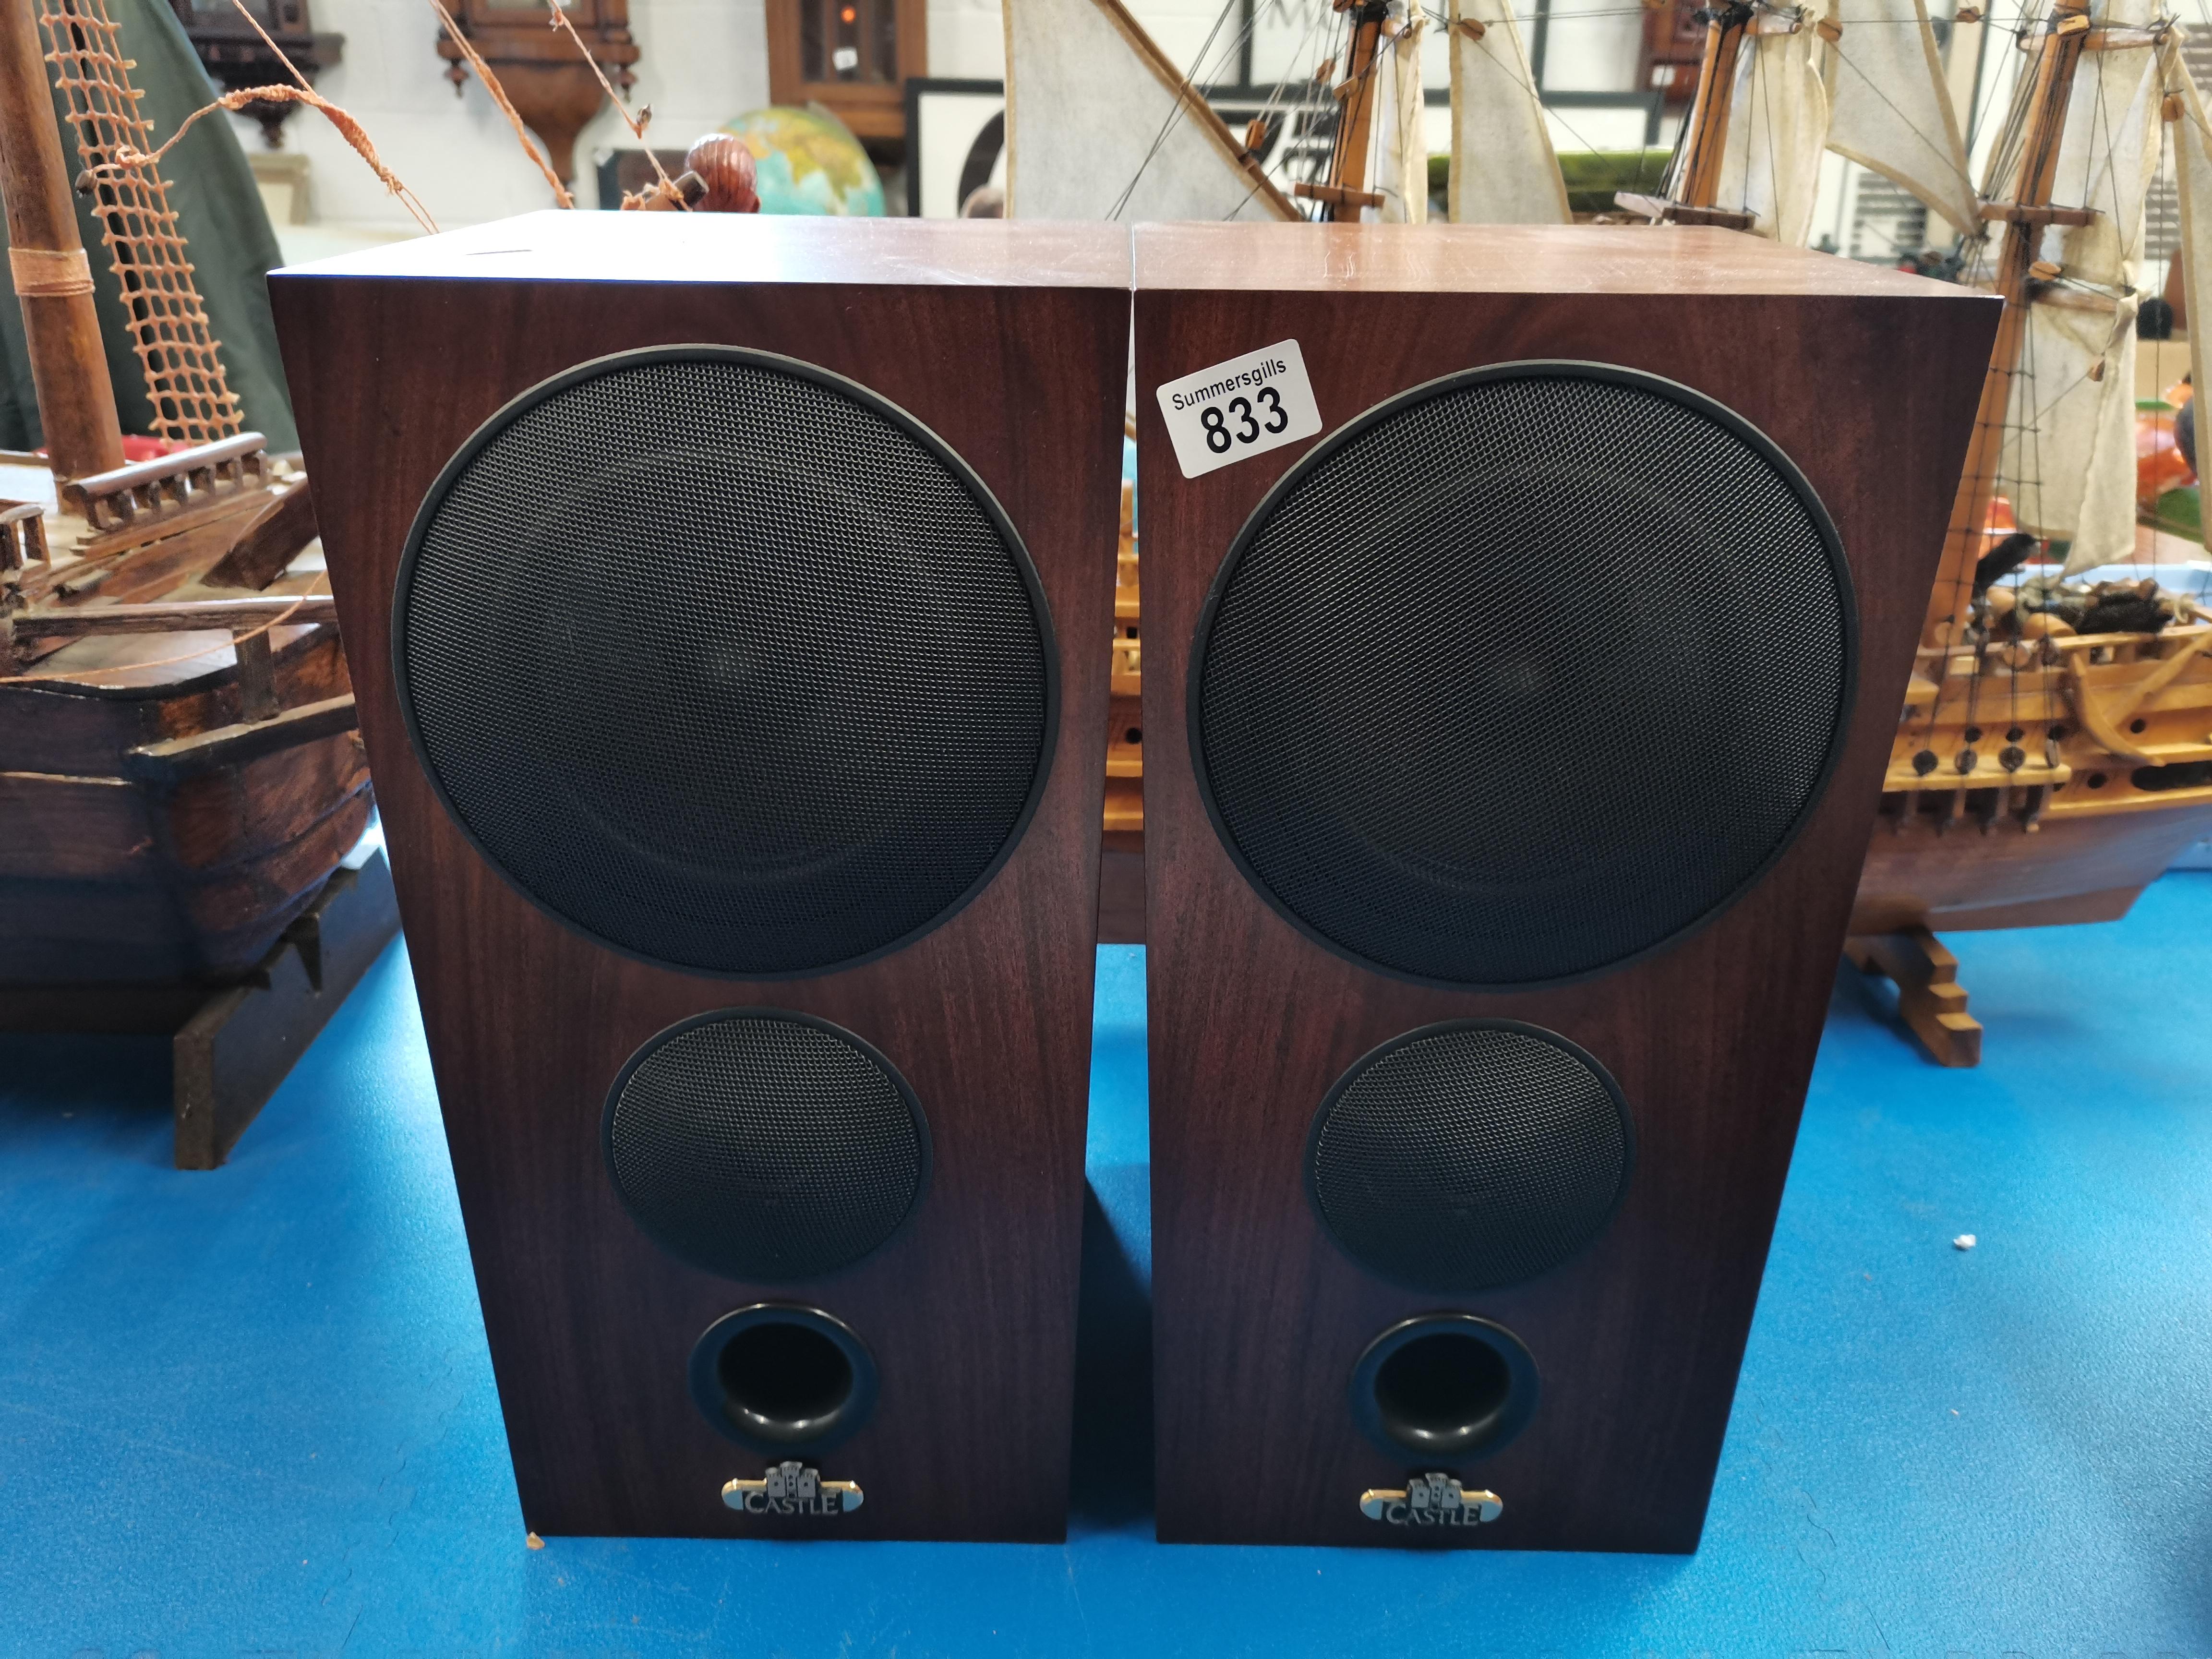 2 Wooden Speakers